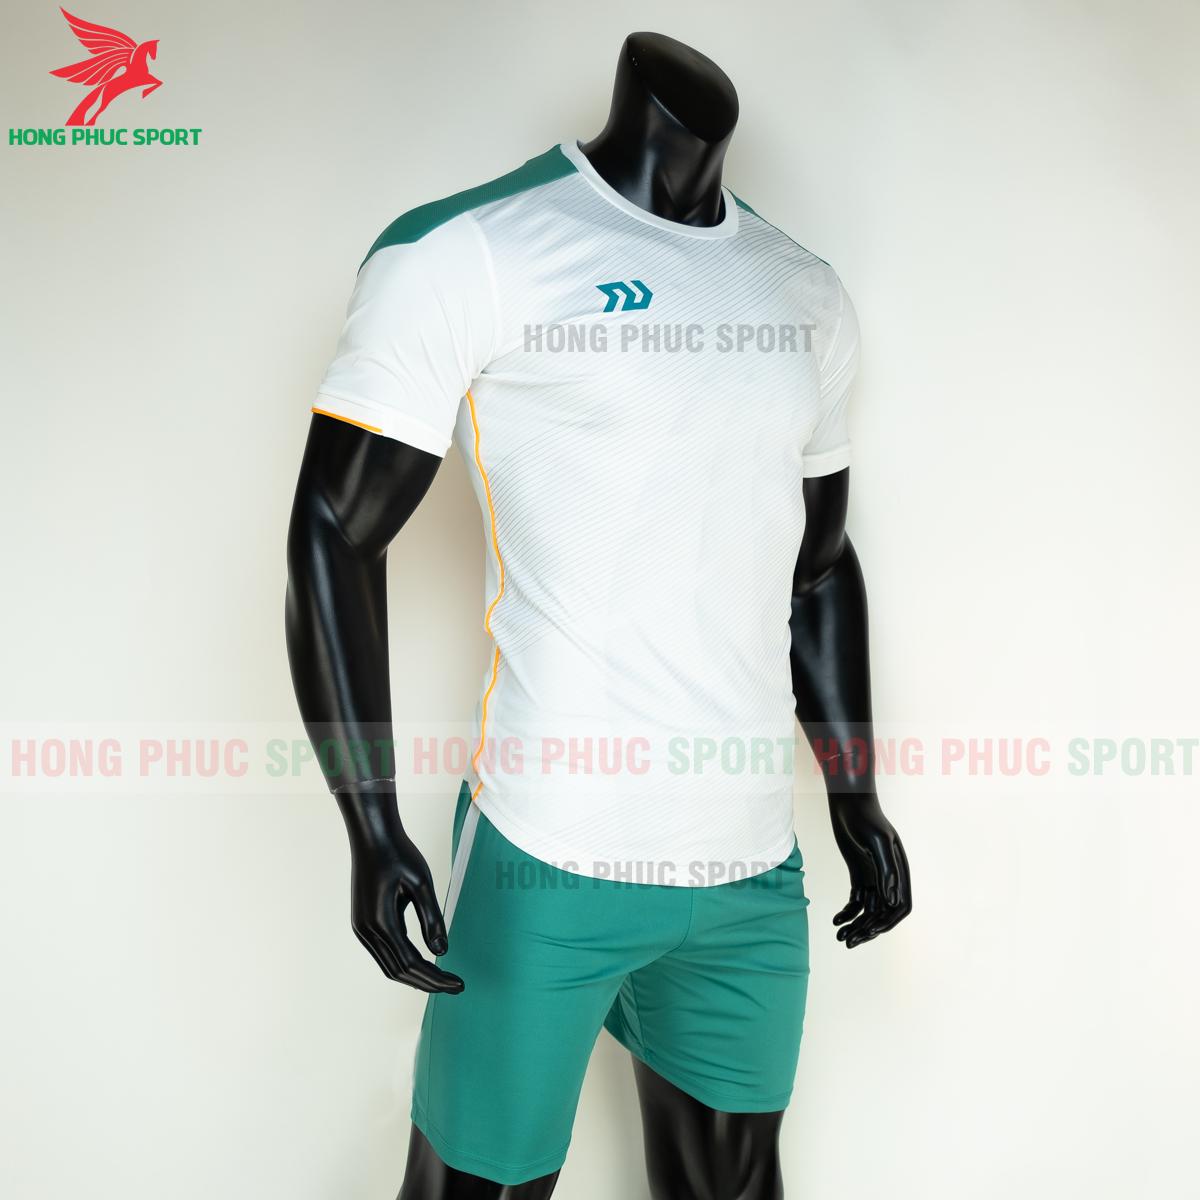 Áo đá banh không logo Bulbal Lotus 2021 màu Trắng (phải)